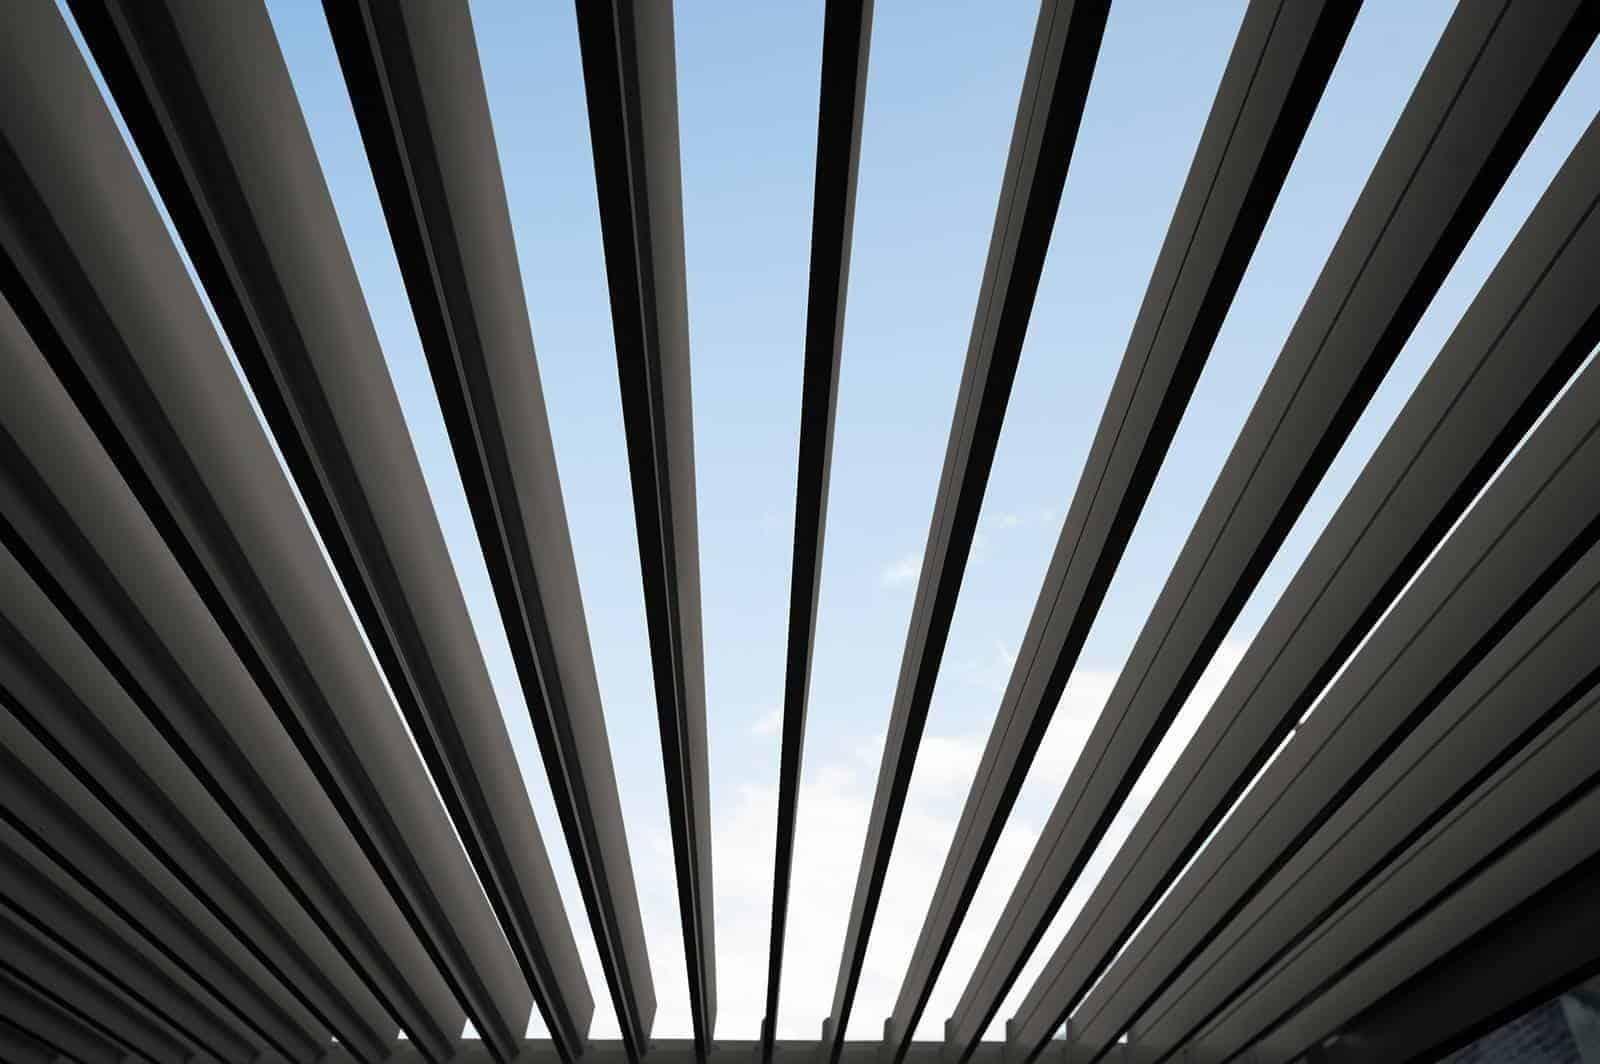 Zadaszenie tarasowe PERARA 300x300cm antracyt